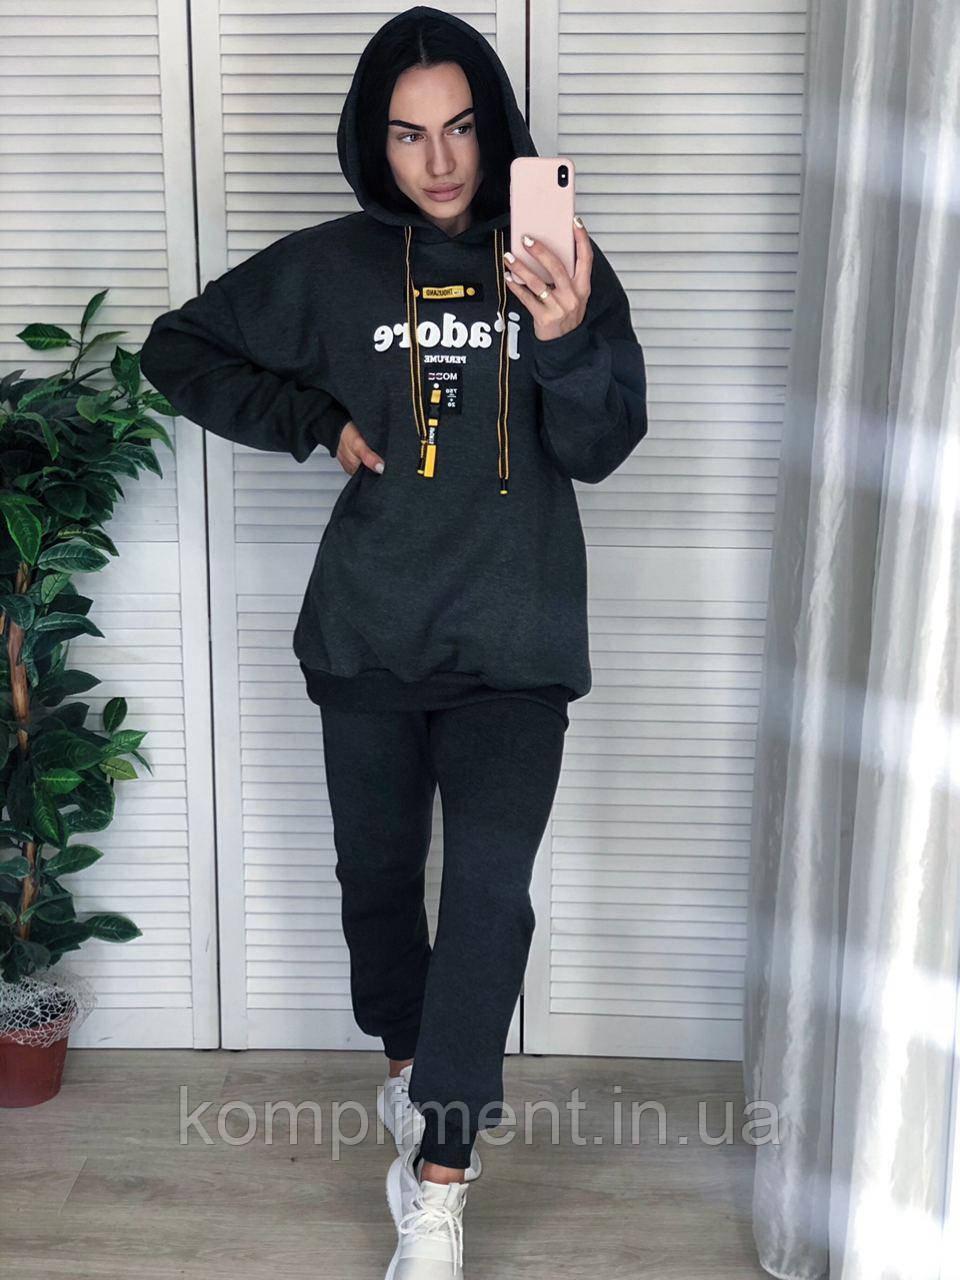 Женский утепленный хлопковый спортивный костюм с капюшоном, серый.Турция